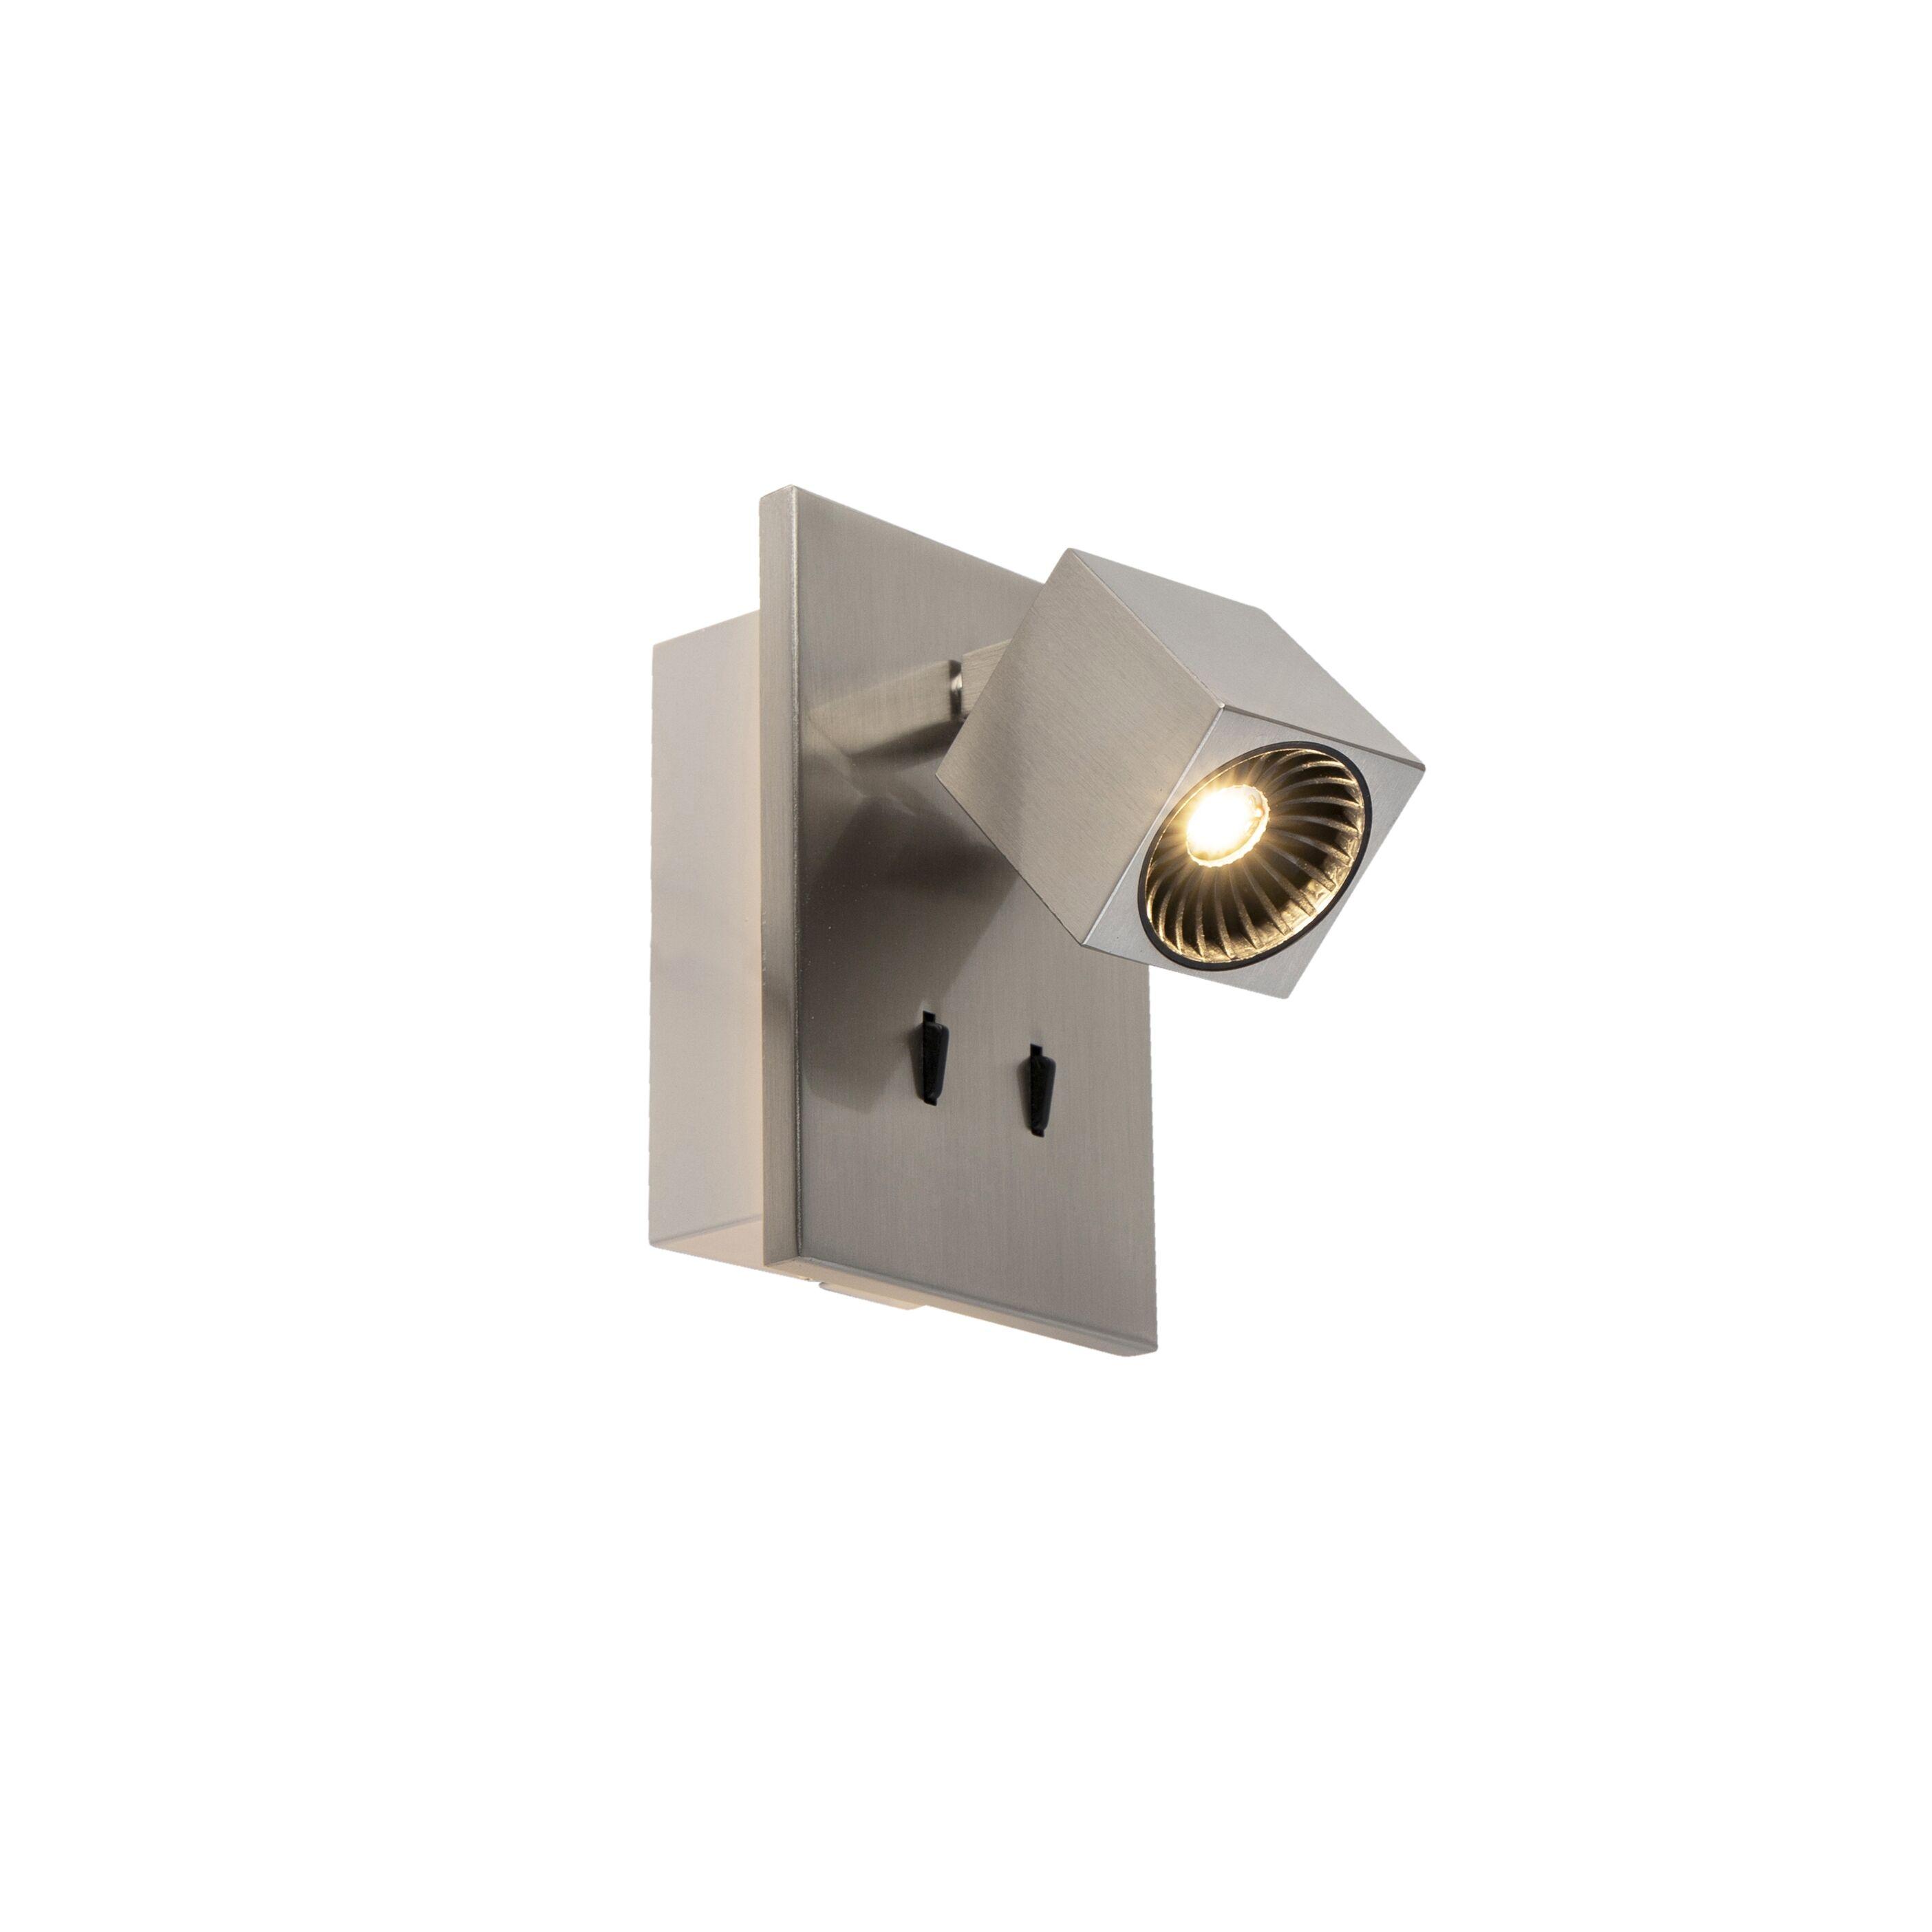 Trio Leuchten Applique moderne inclinable acier LED incl.- Cupra